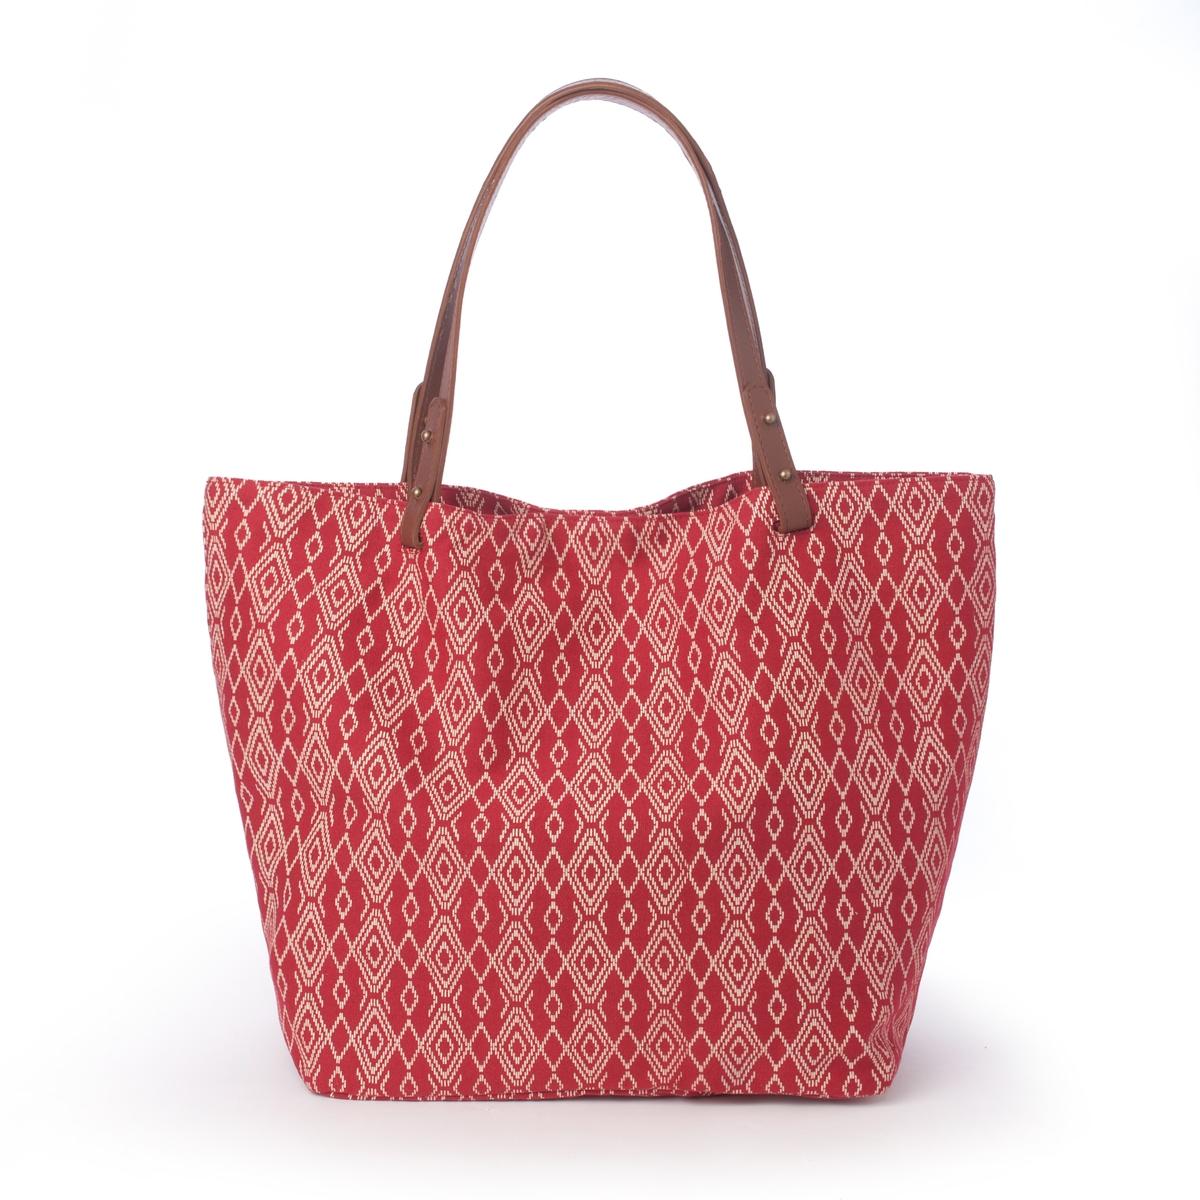 Сумка большая с рисунком, Chloe EthnicПреимущества : сумка с роскошным и элегантным рисунком с ручками с эффектом кожи с патиной. Очень модный богемный стиль и практичный размер на каждый день<br><br>Цвет: красный наб. рисунок<br>Размер: единый размер